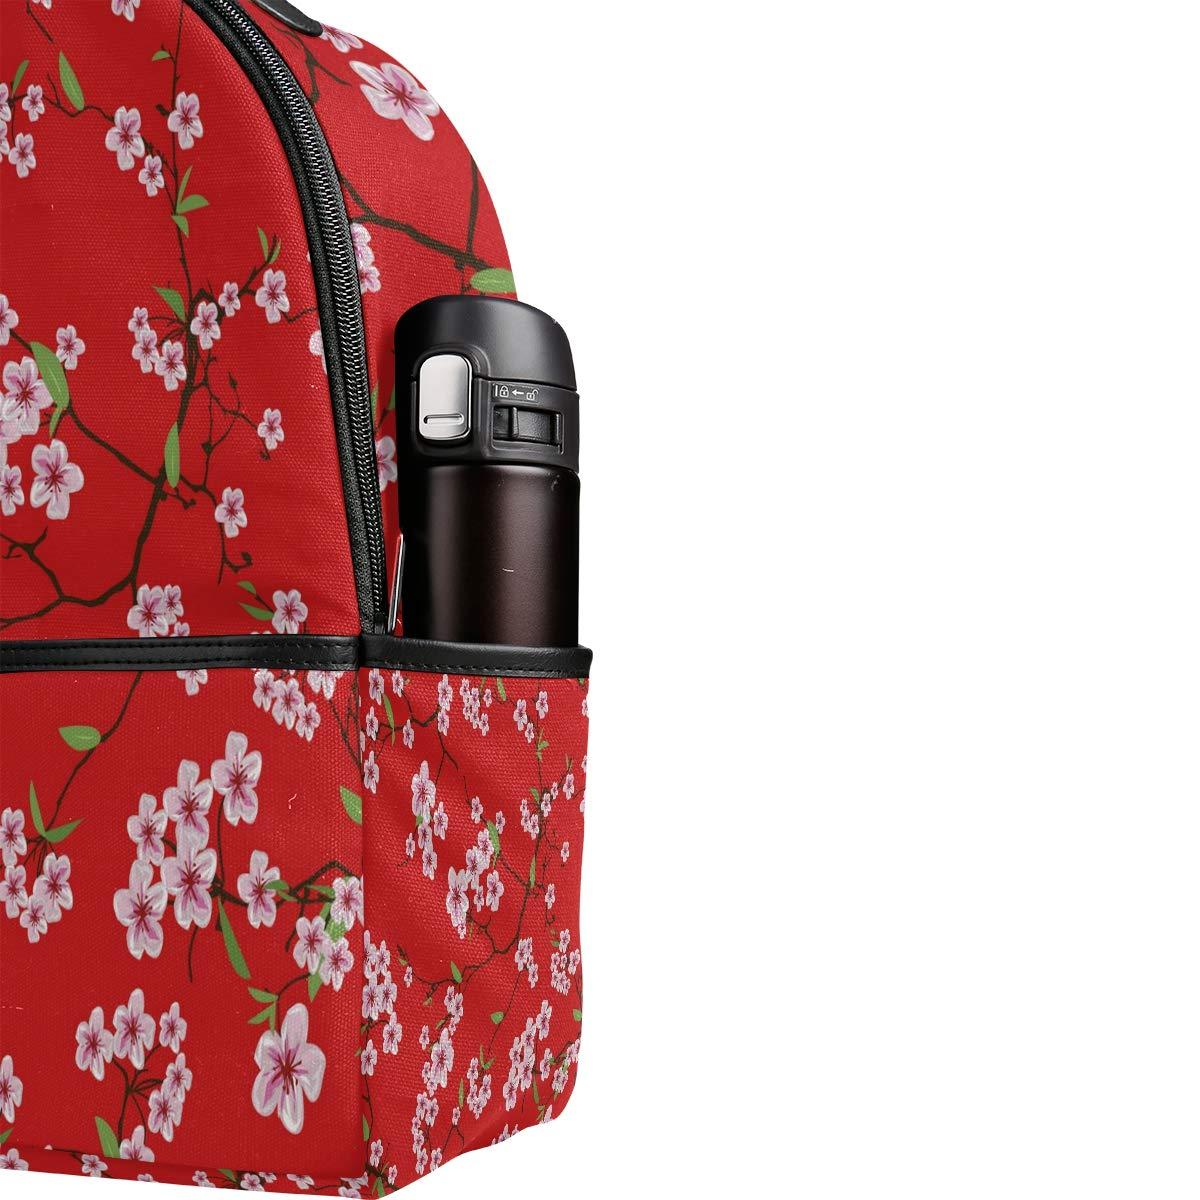 BIGJOKE Backpack School Bags Japanese Floral Flower Sakura Large Capacity Casual Printed School Shoulder Bag Daypack Travel Laptop Women Adults Boys Girls